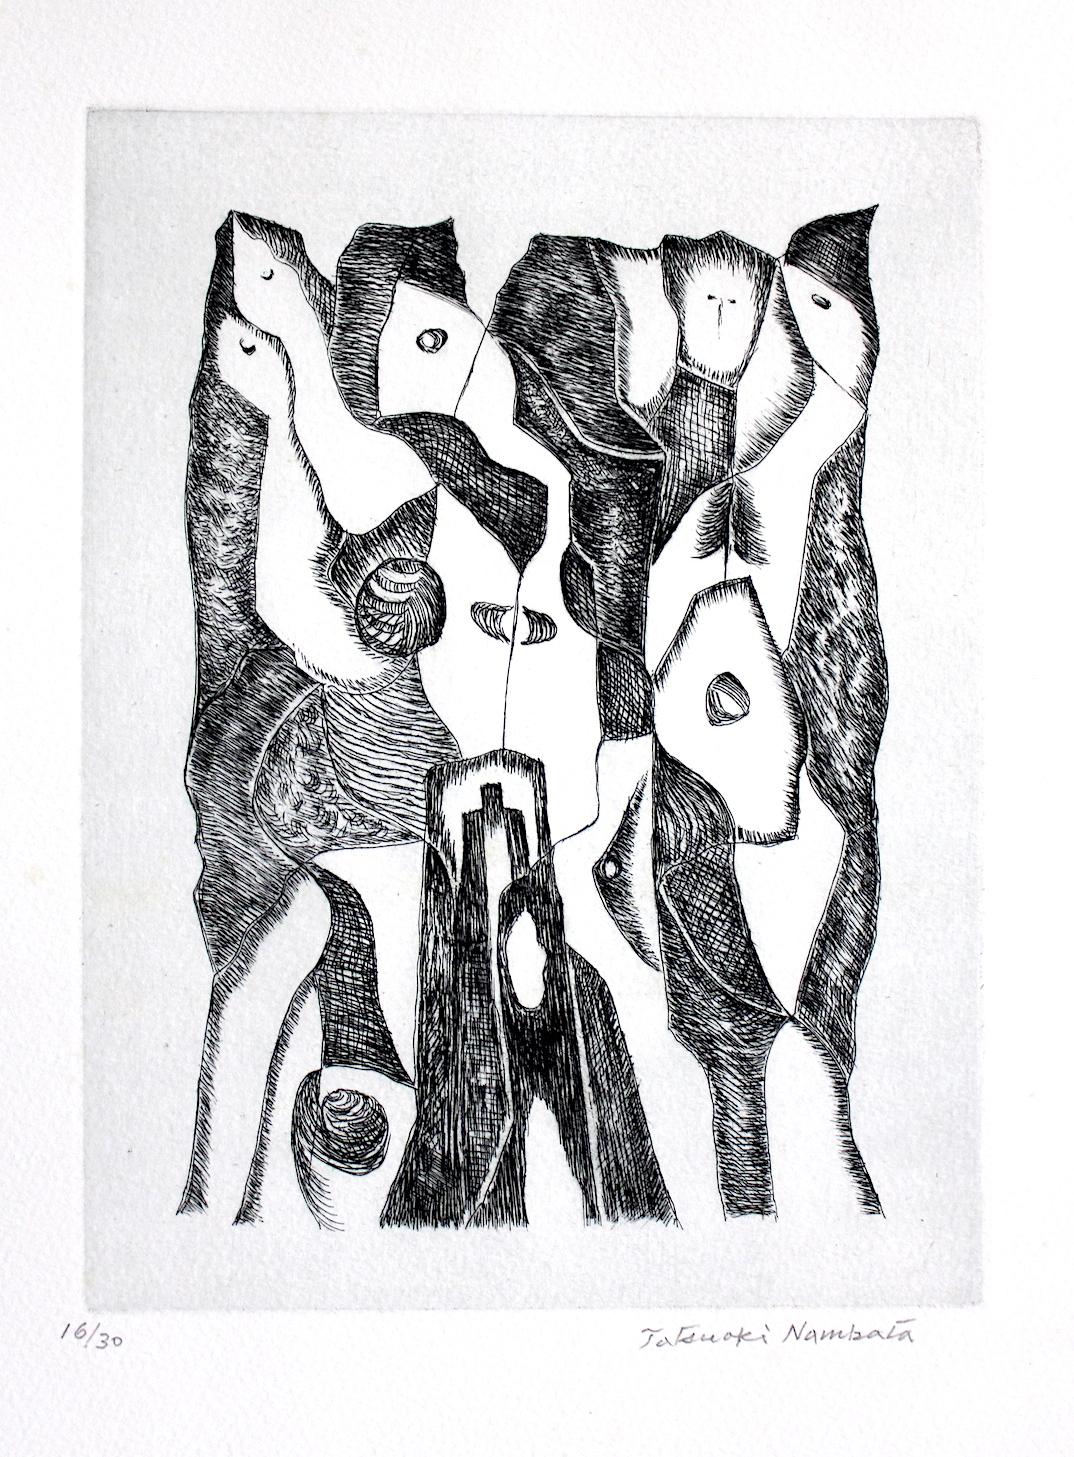 難波田龍起  広場の対話 銅版画、紙  1983年